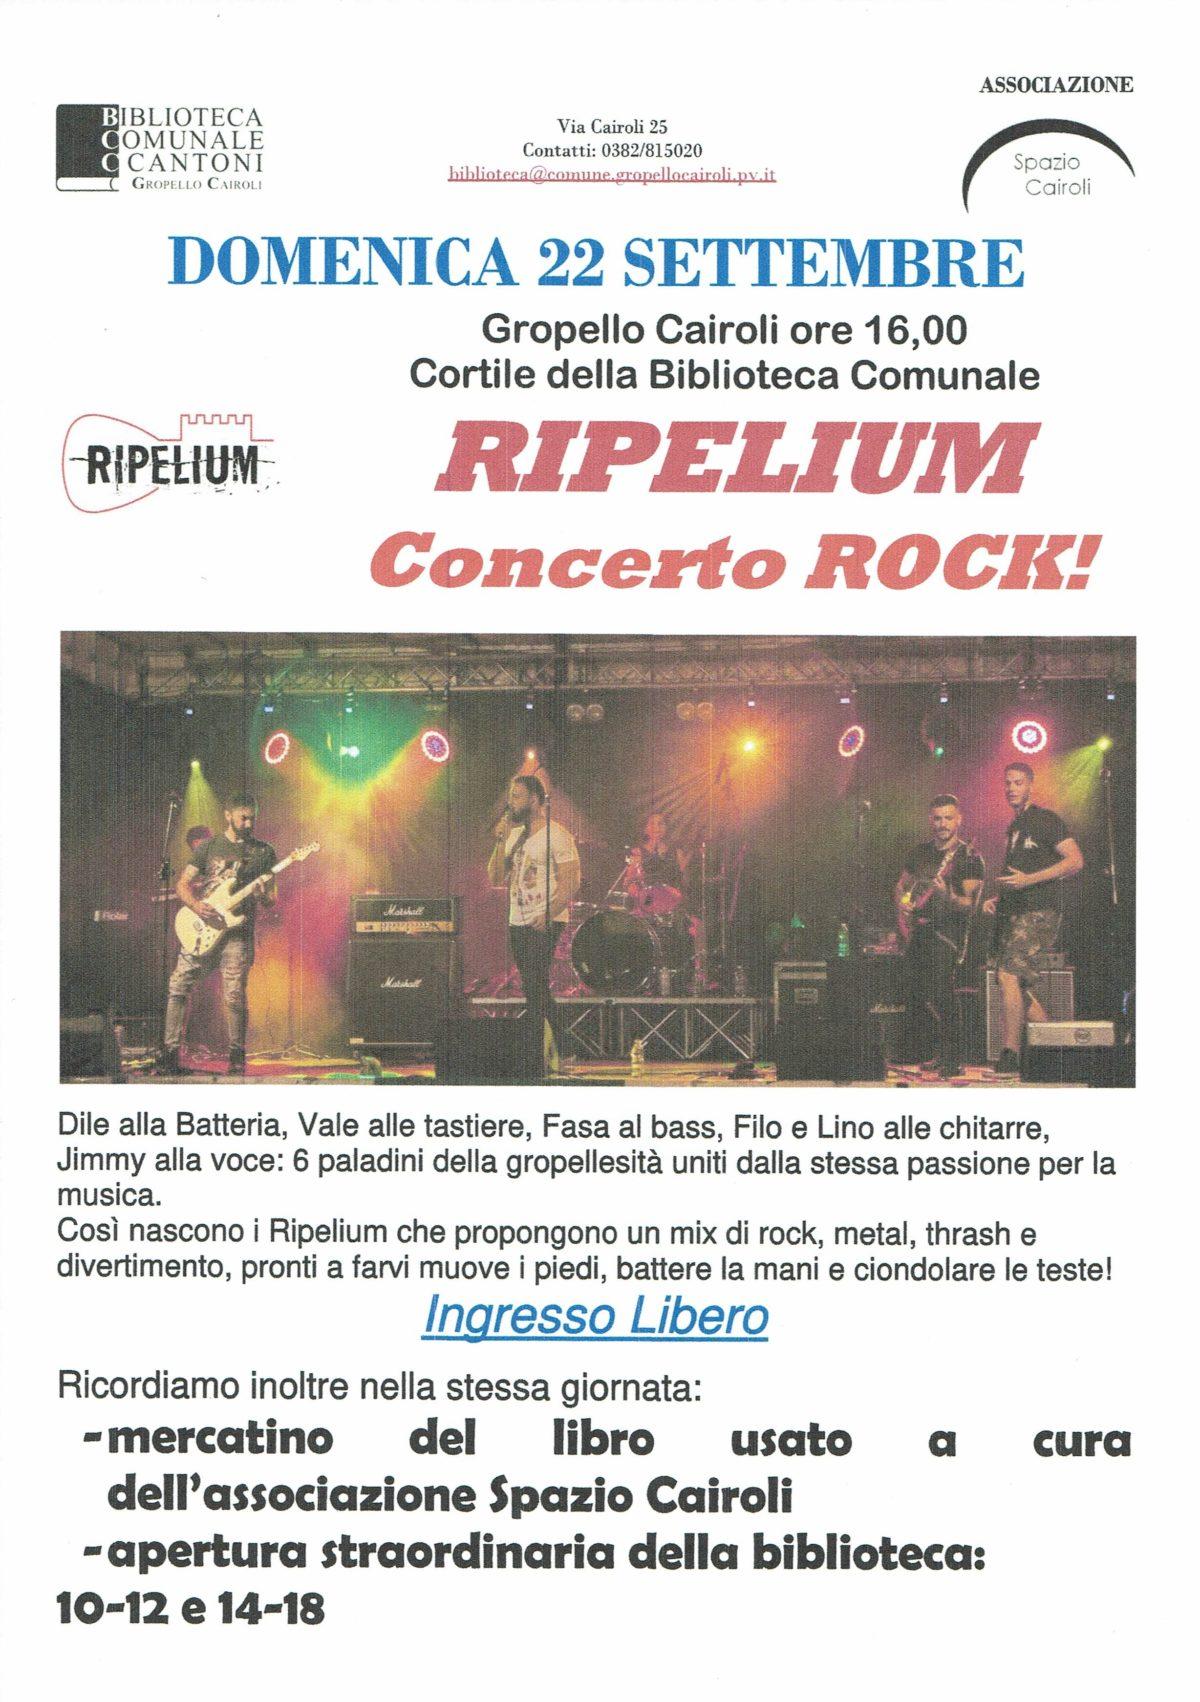 Biblioteca: domenica 22 settembre ore 16 concerto rock dei Ripelium, apertura straordinaria della biblioteca e mercatino del libro usato